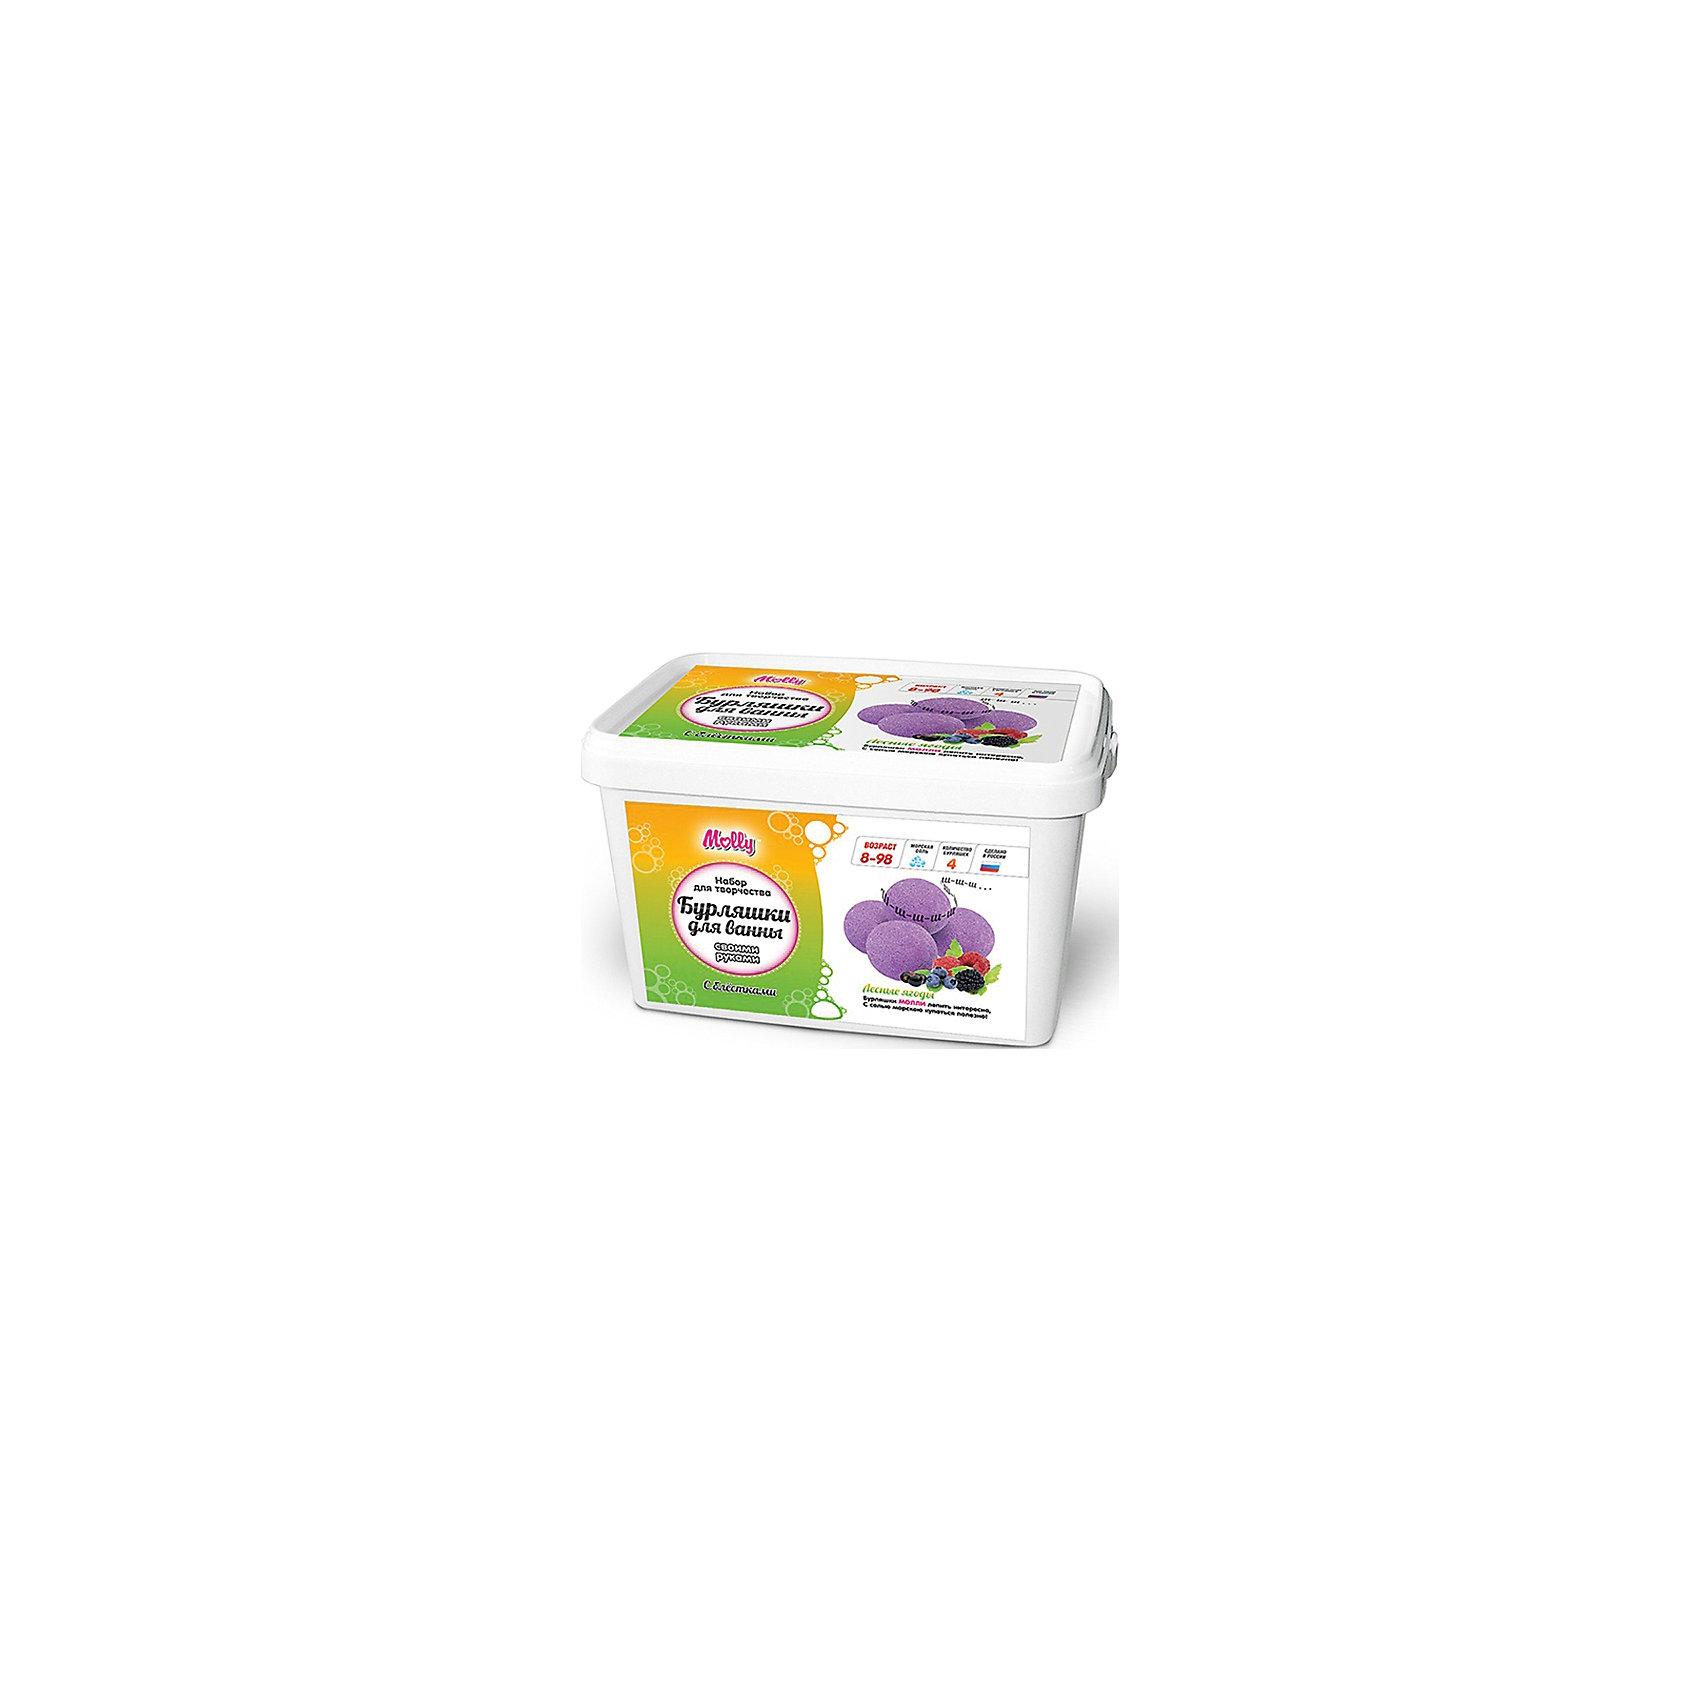 Бурляшки для ванны своими руками  Лесные ягодыКосметика, грим и парфюмерия<br>Оригинальные бурляшки (бомбочки для ванн), которые можно создать своими руками. В состав набора входит: сода, лимонная кислота, морская соль, 1 краситель, 1 ароматизатор,  форма для бурляшек,  одноразовые перчатки и подробная инструкция.<br><br>Ширина мм: 20<br>Глубина мм: 13<br>Высота мм: 11<br>Вес г: 500<br>Возраст от месяцев: 96<br>Возраст до месяцев: 144<br>Пол: Унисекс<br>Возраст: Детский<br>SKU: 5115194